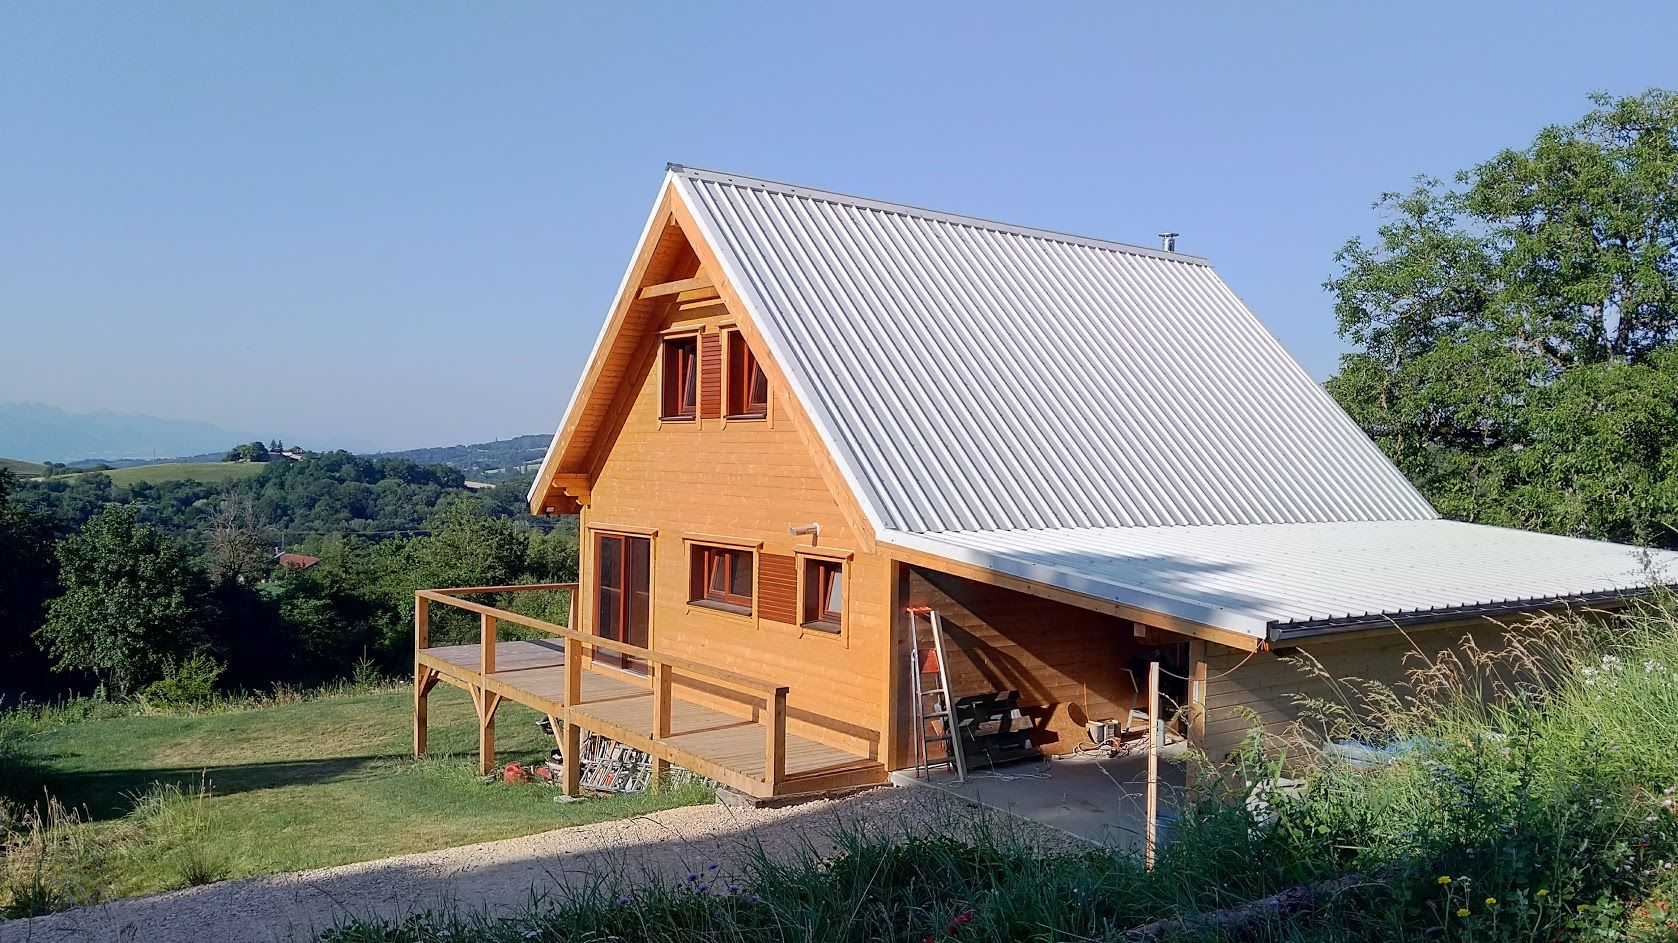 Maison En Bois Pour 100000 modèle de maison bois sanson (dans l'isère) | house styles